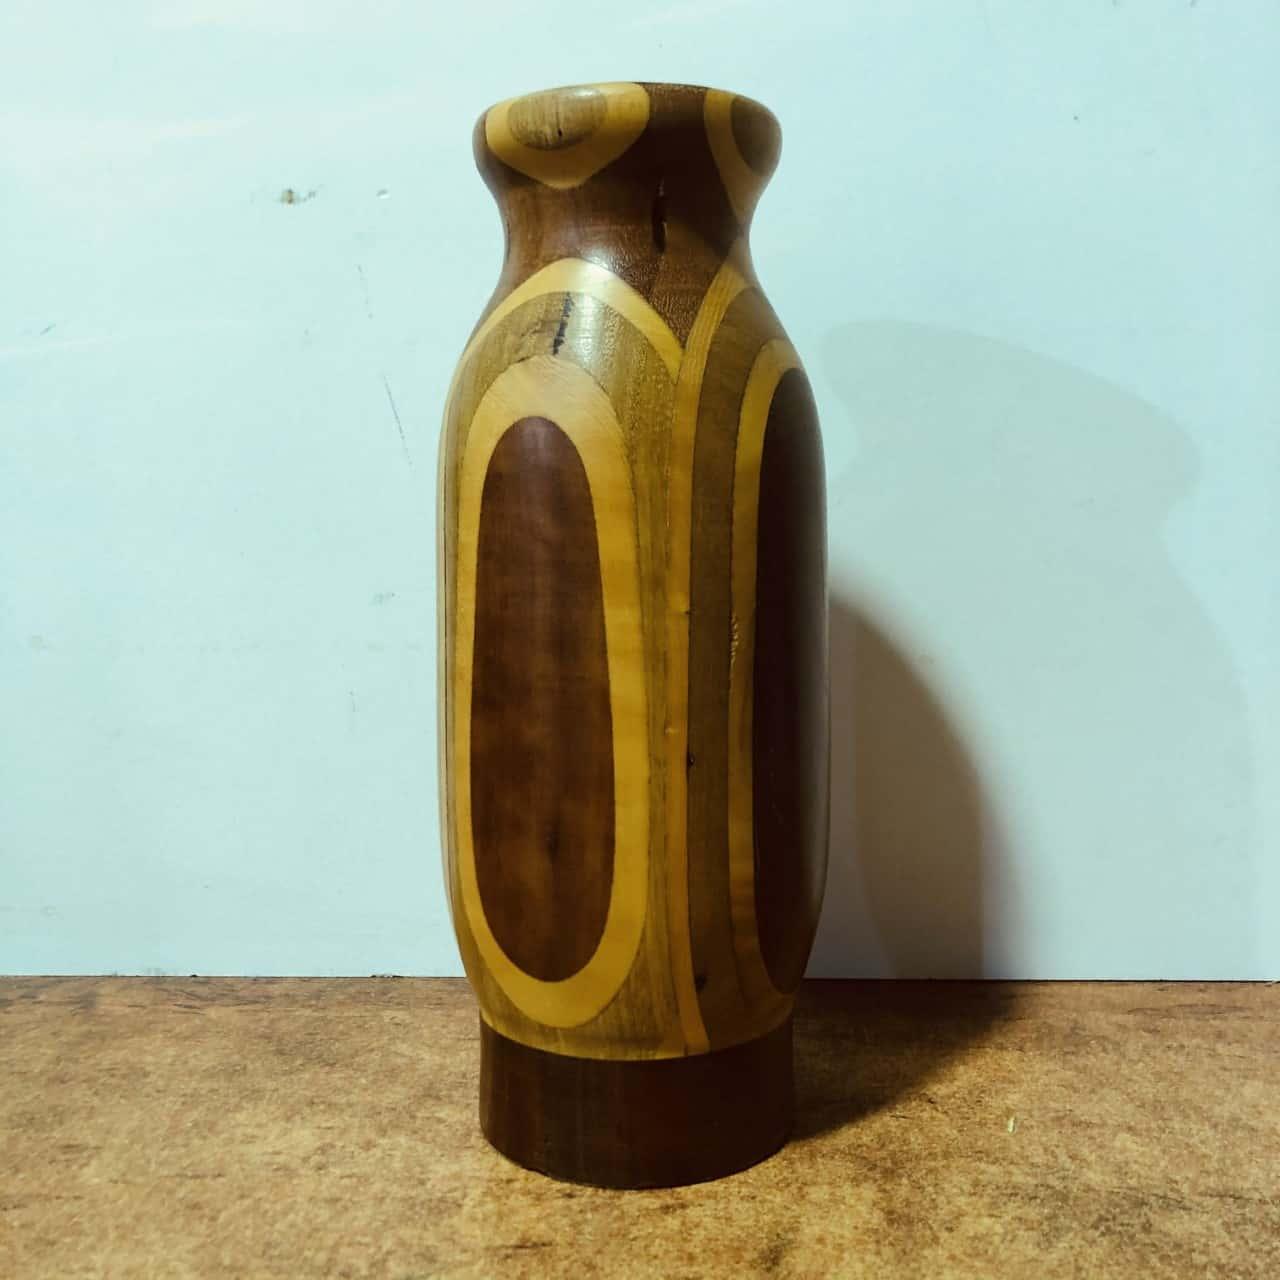 'REDUCED' Wooden Vase